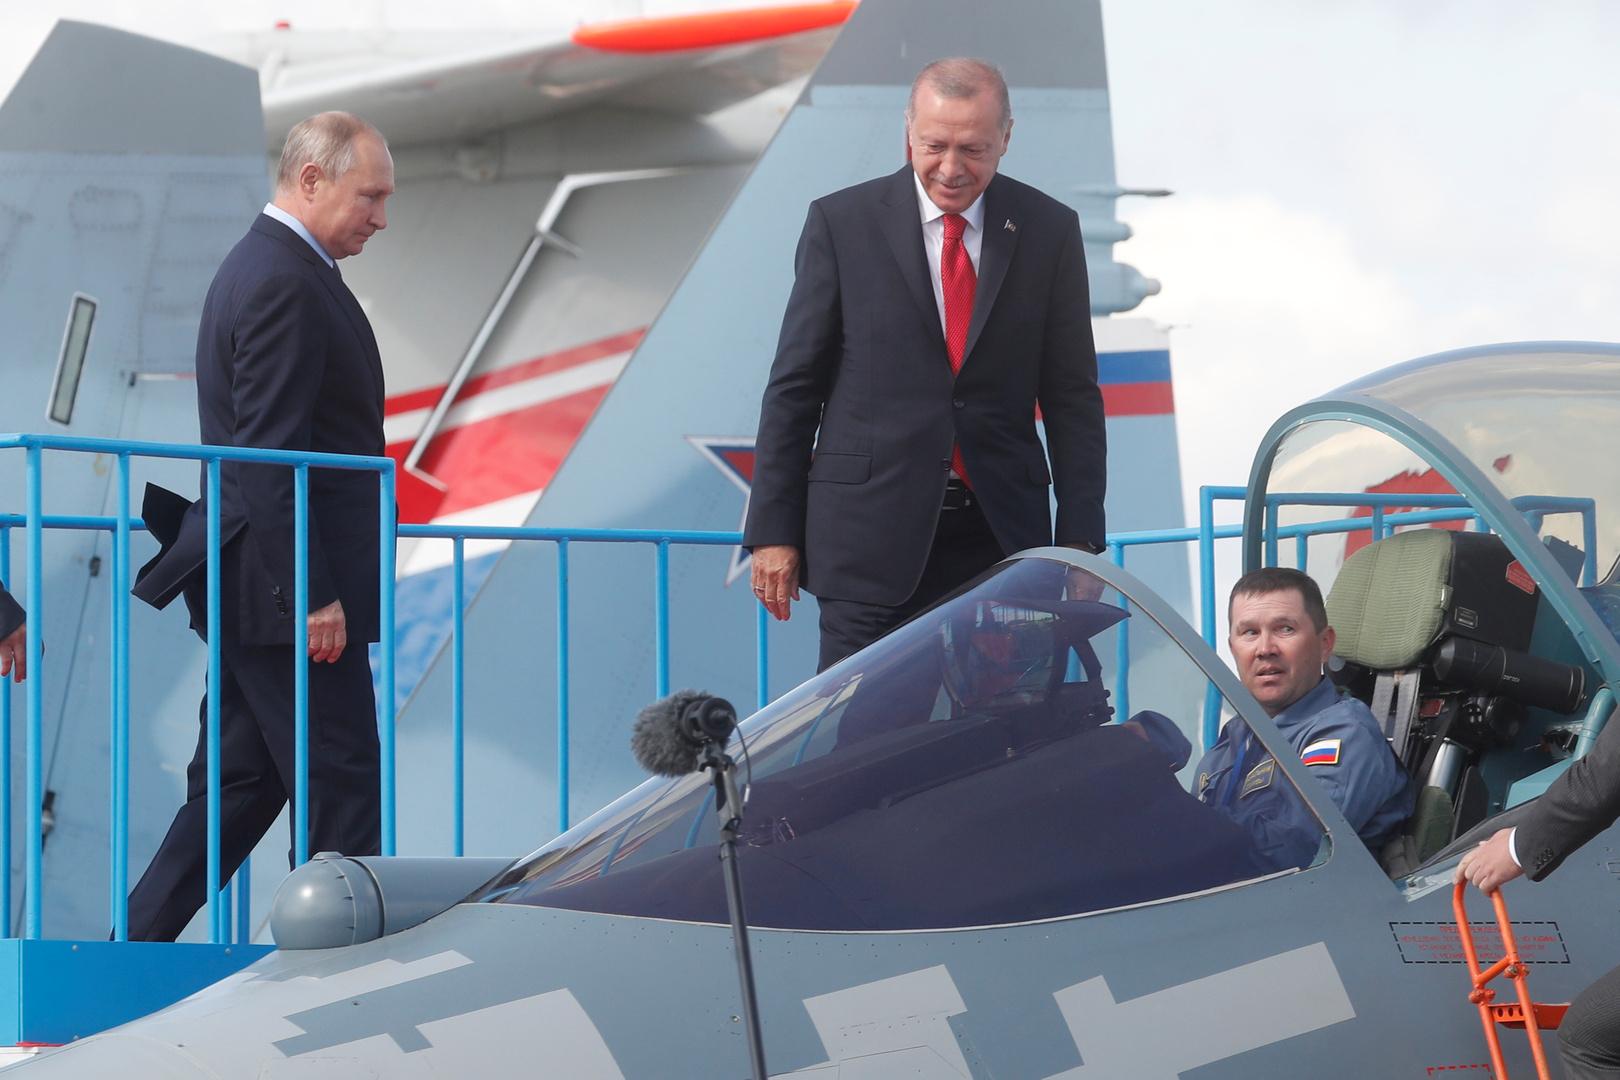 خبير يفسر مصلحة تركيا في مقاتلات سو-57 الروسية